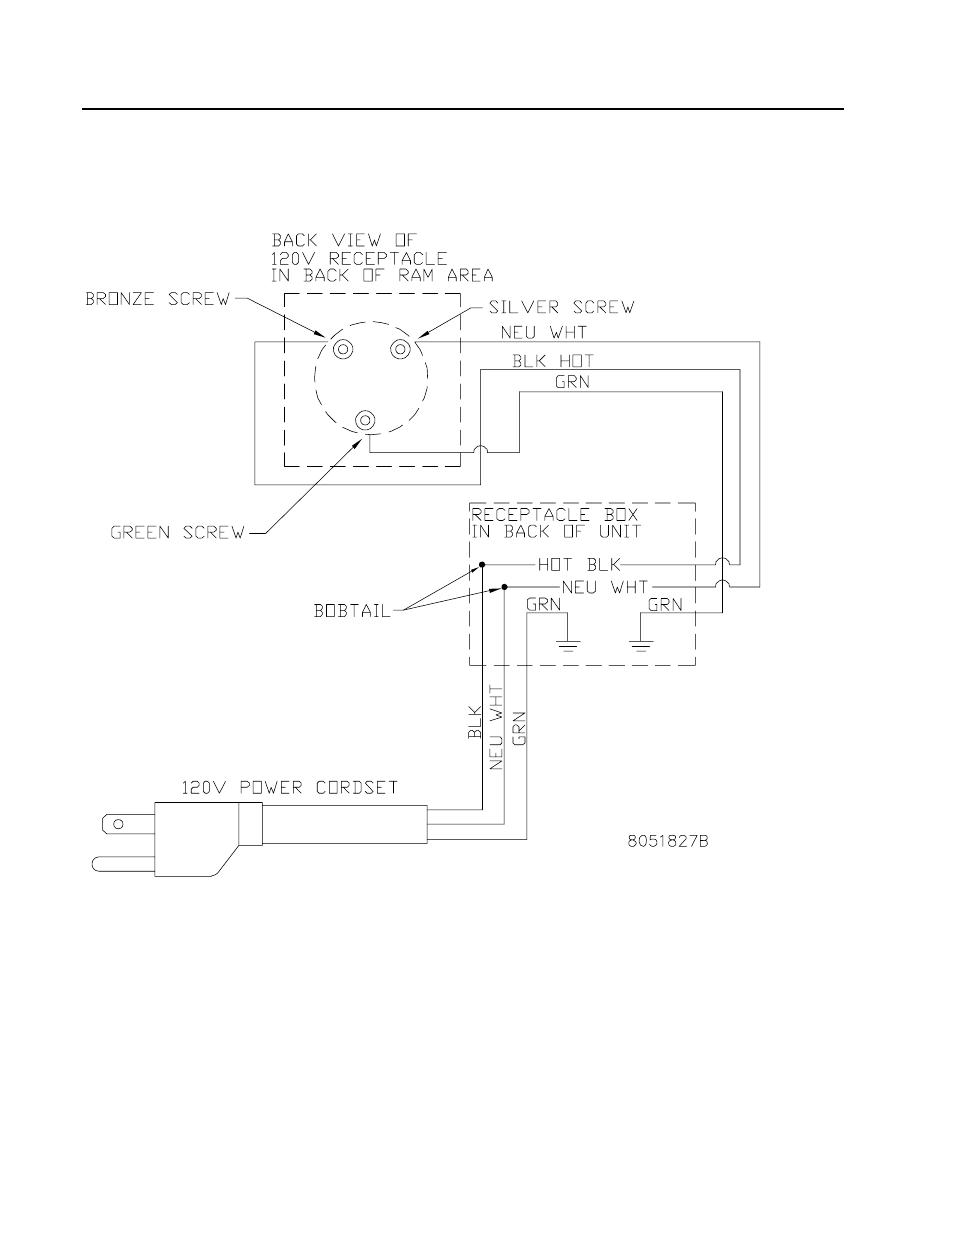 hight resolution of 6 wiring diagram ram units only frymaster bk1814 user manual metro wiring diagram 6 wiring